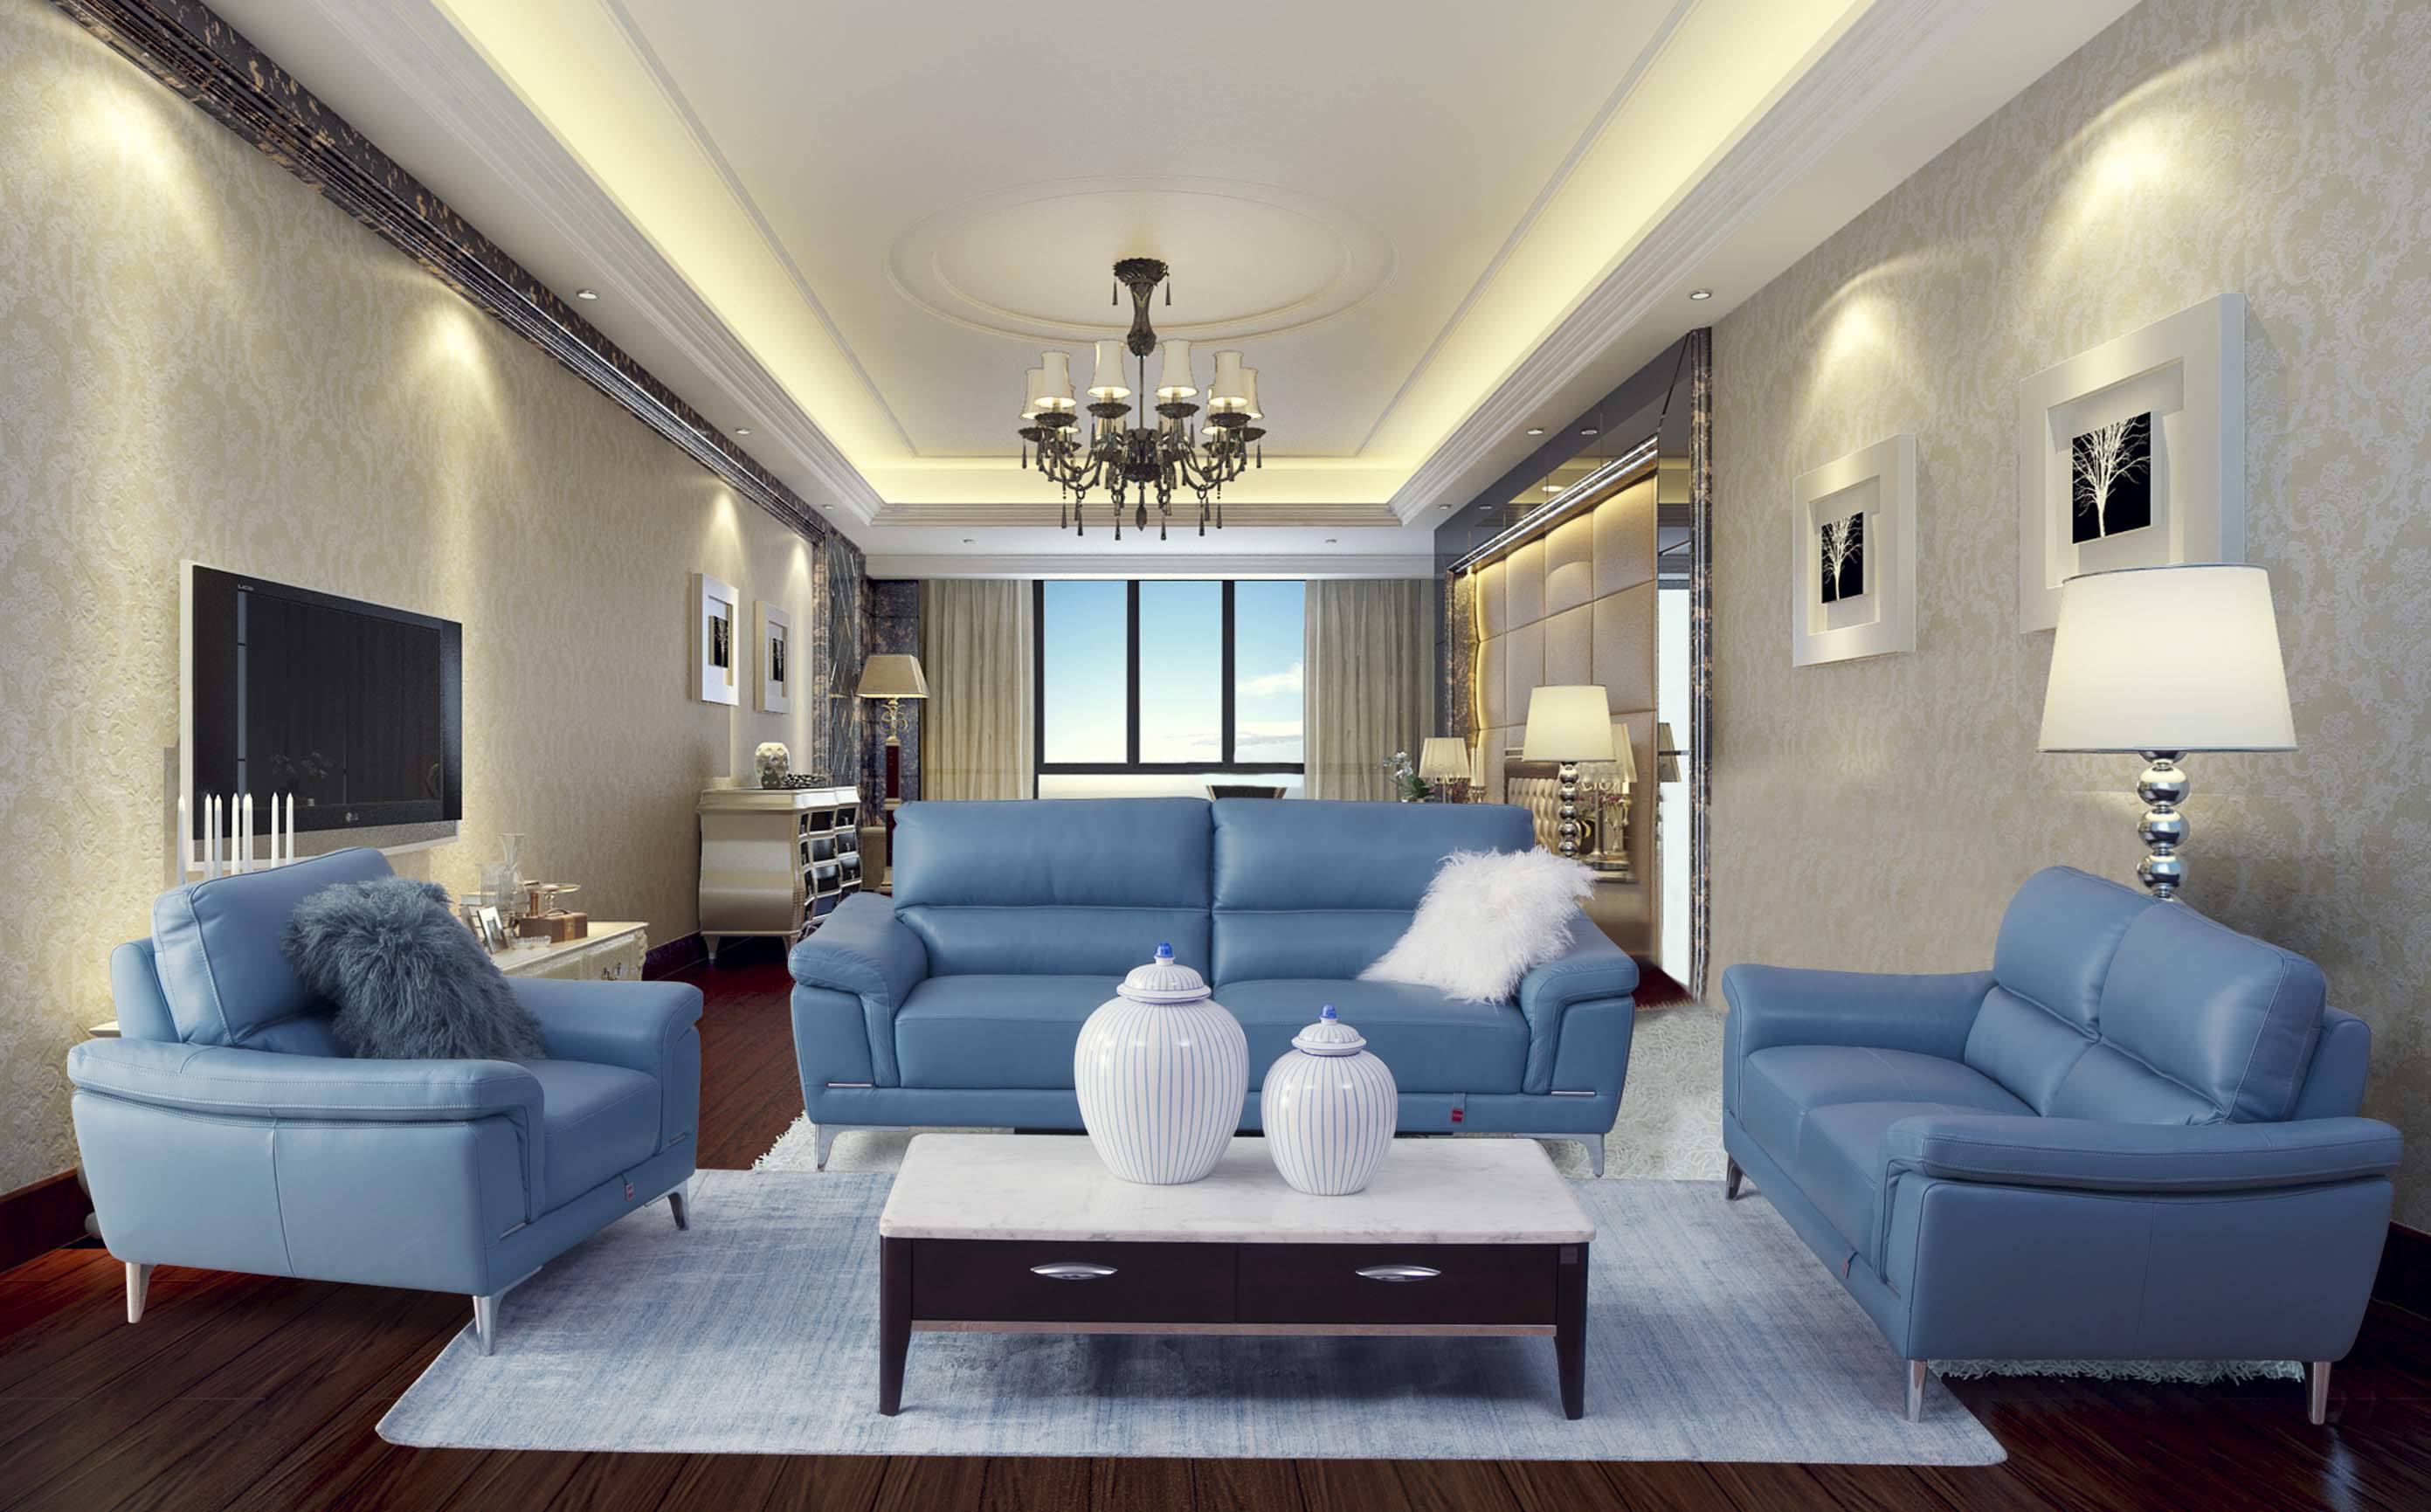 现代家居客厅蓝色沙发效果图